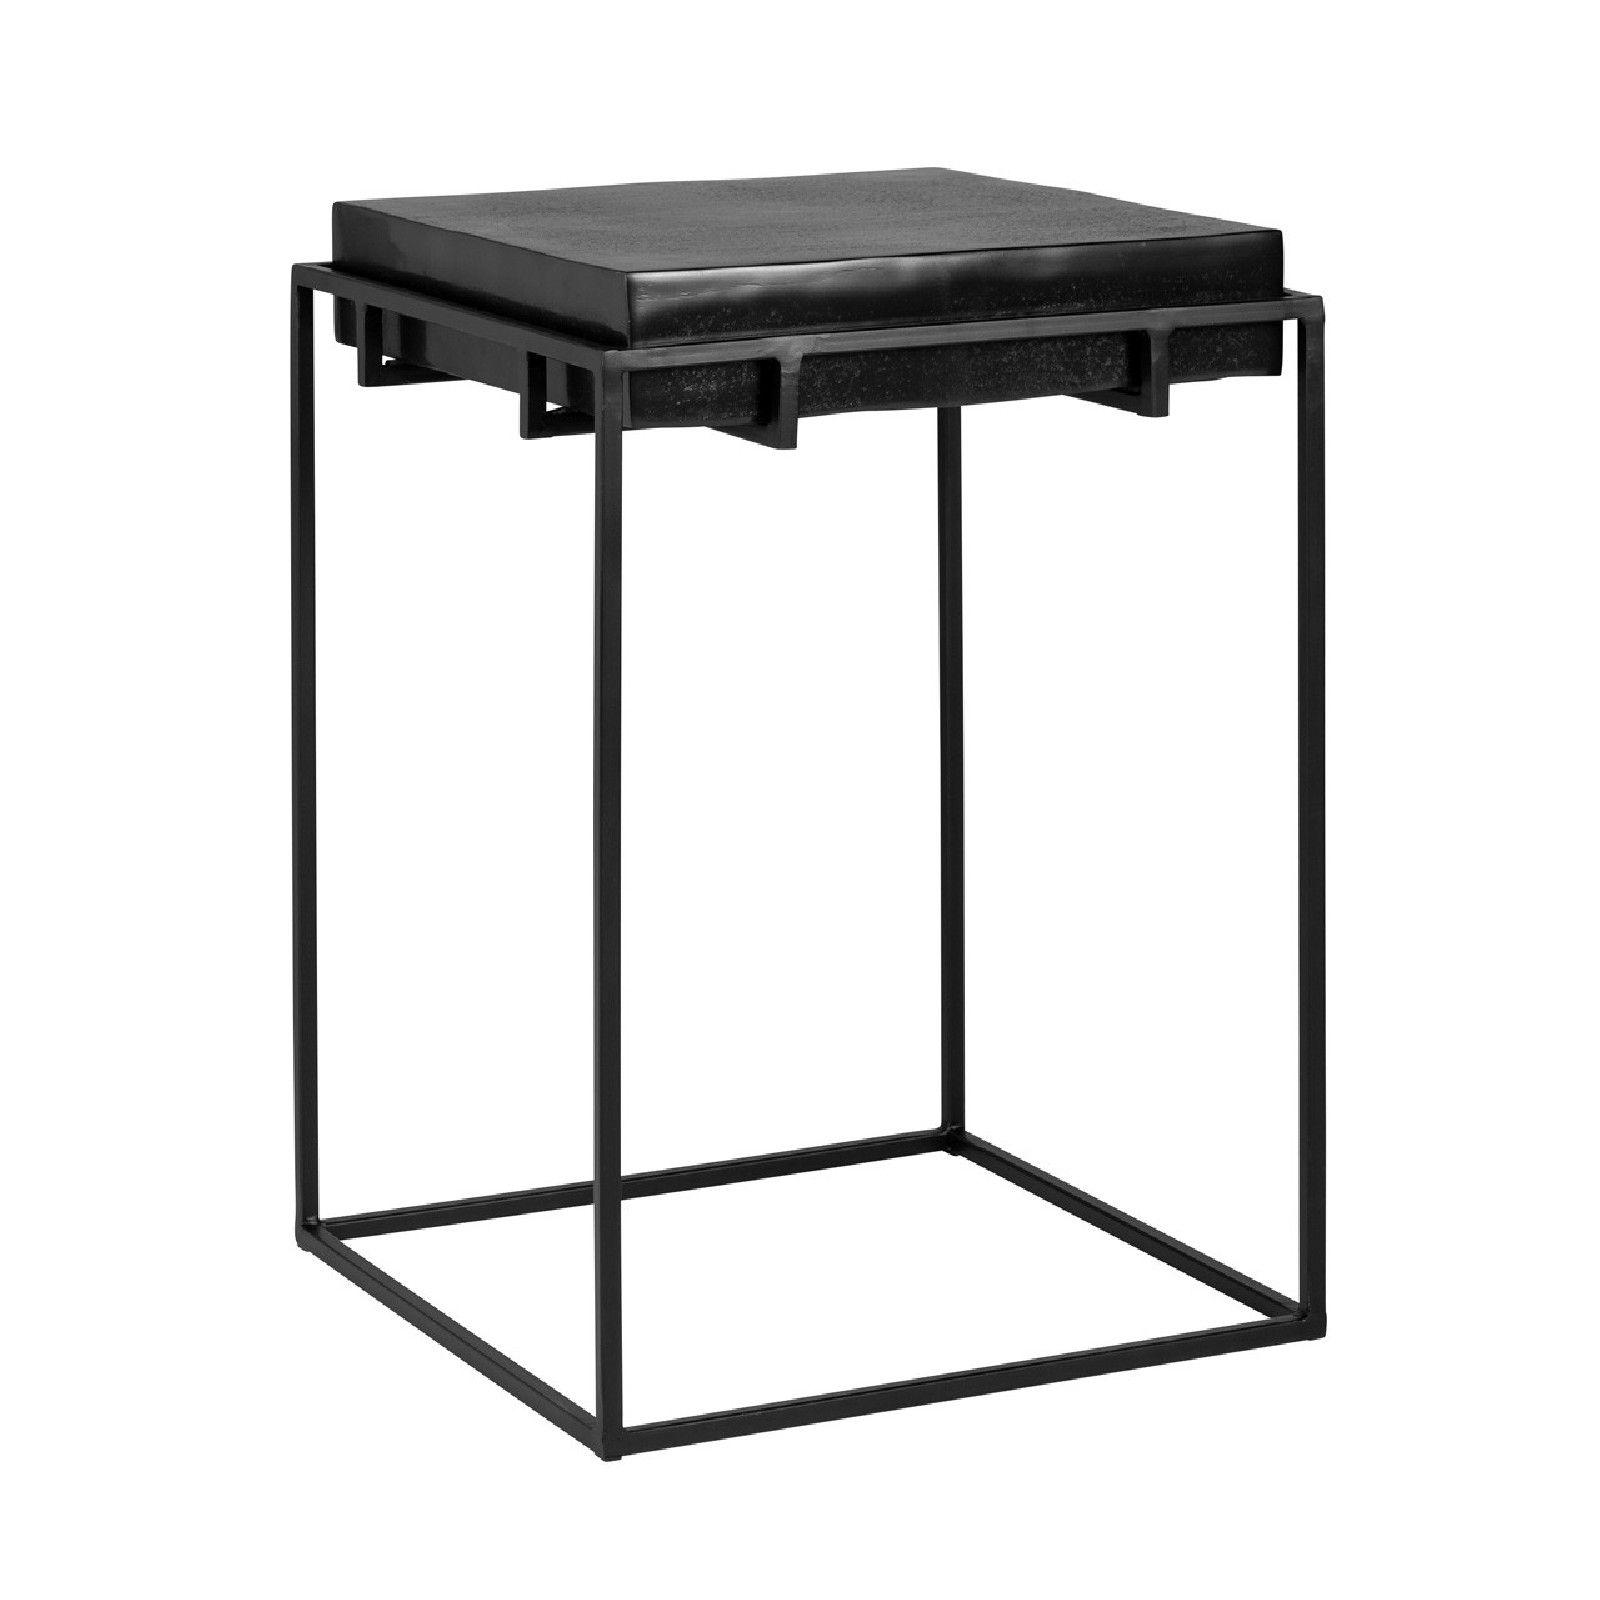 Table d'angle Bolder aluminium noir Meuble Déco Tendance - 802